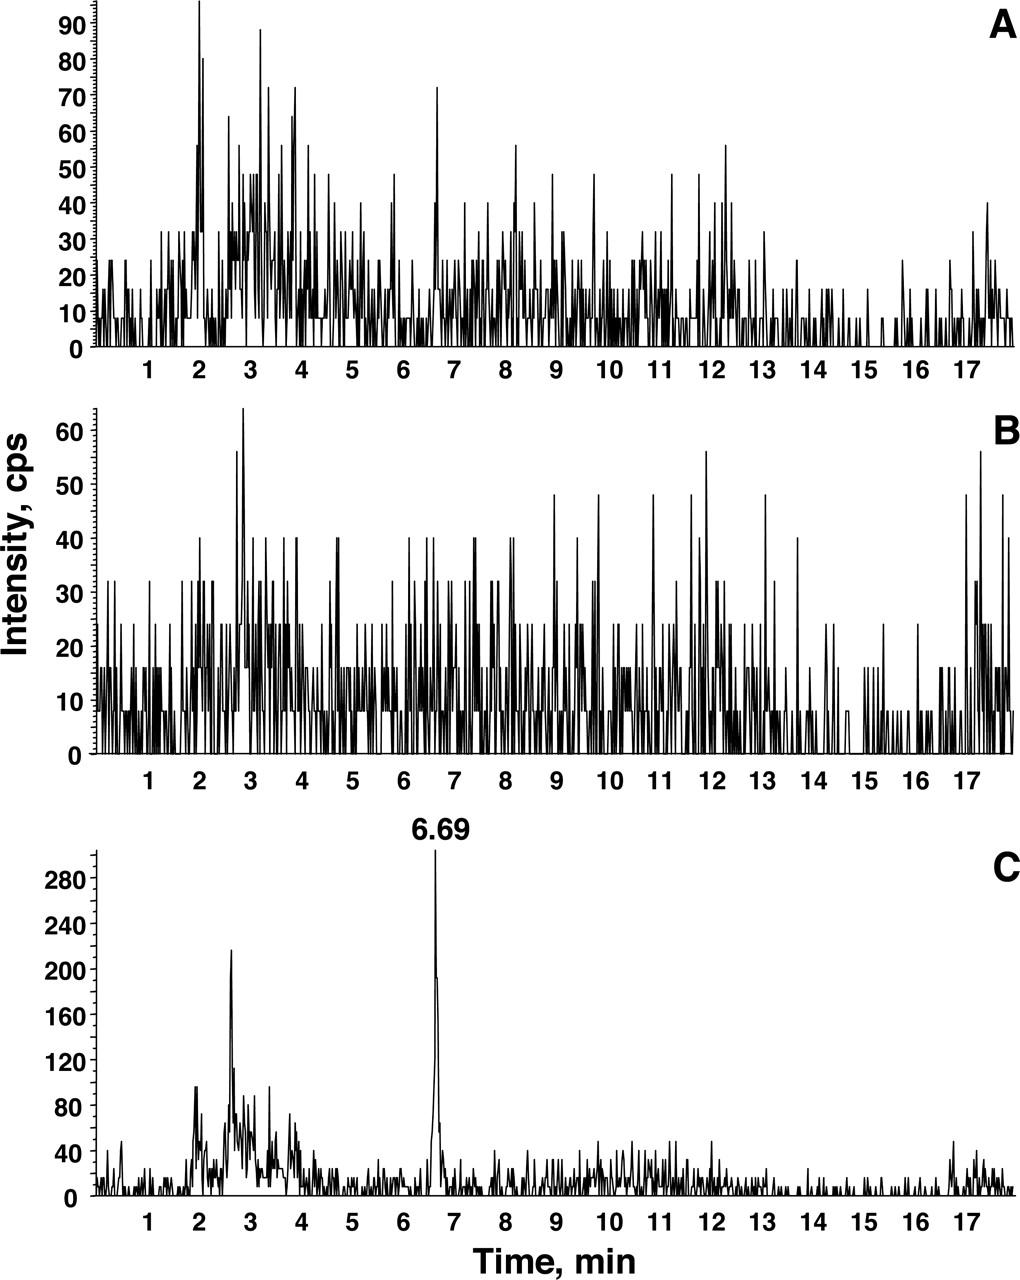 QUANTITATION OF BISPHENOL A AND BISPHENOL A GLUCURONIDE IN